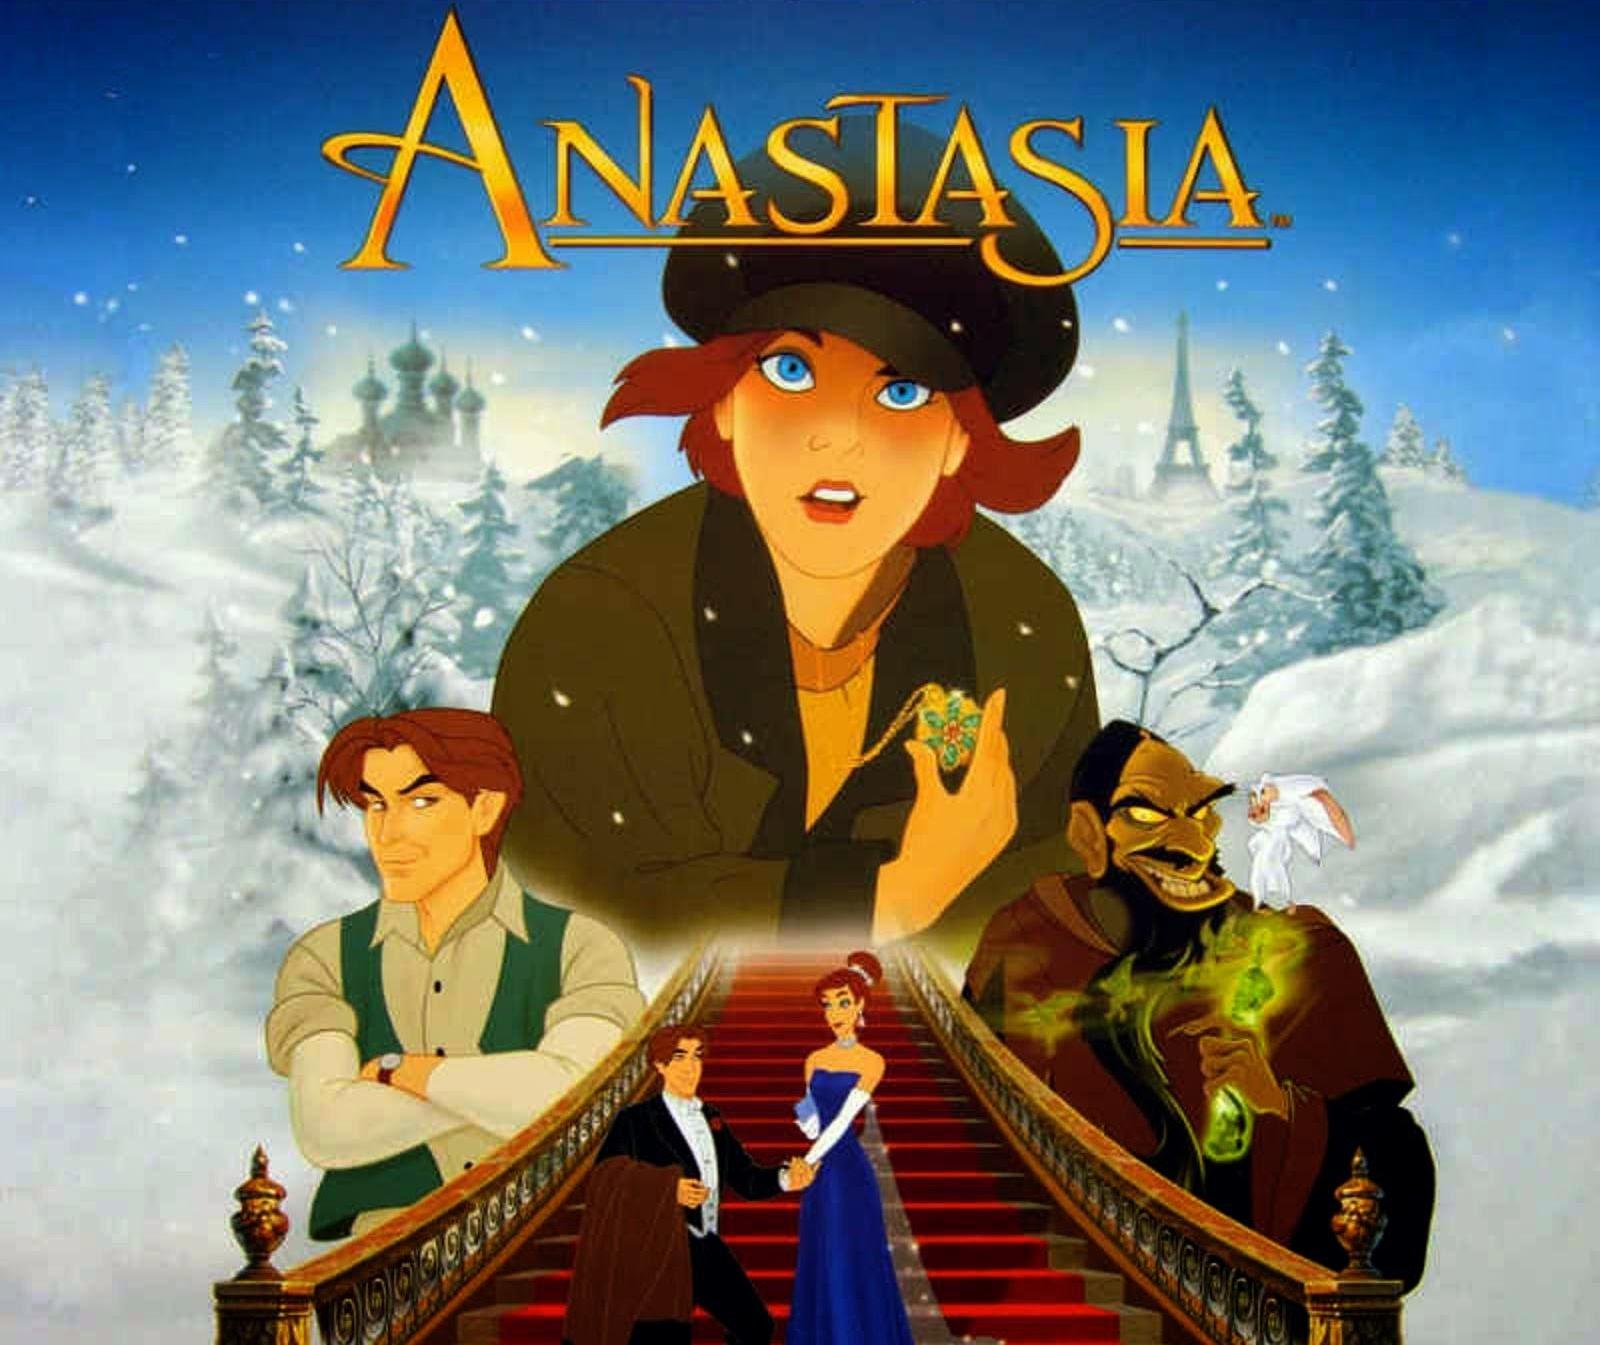 anastasia-19971